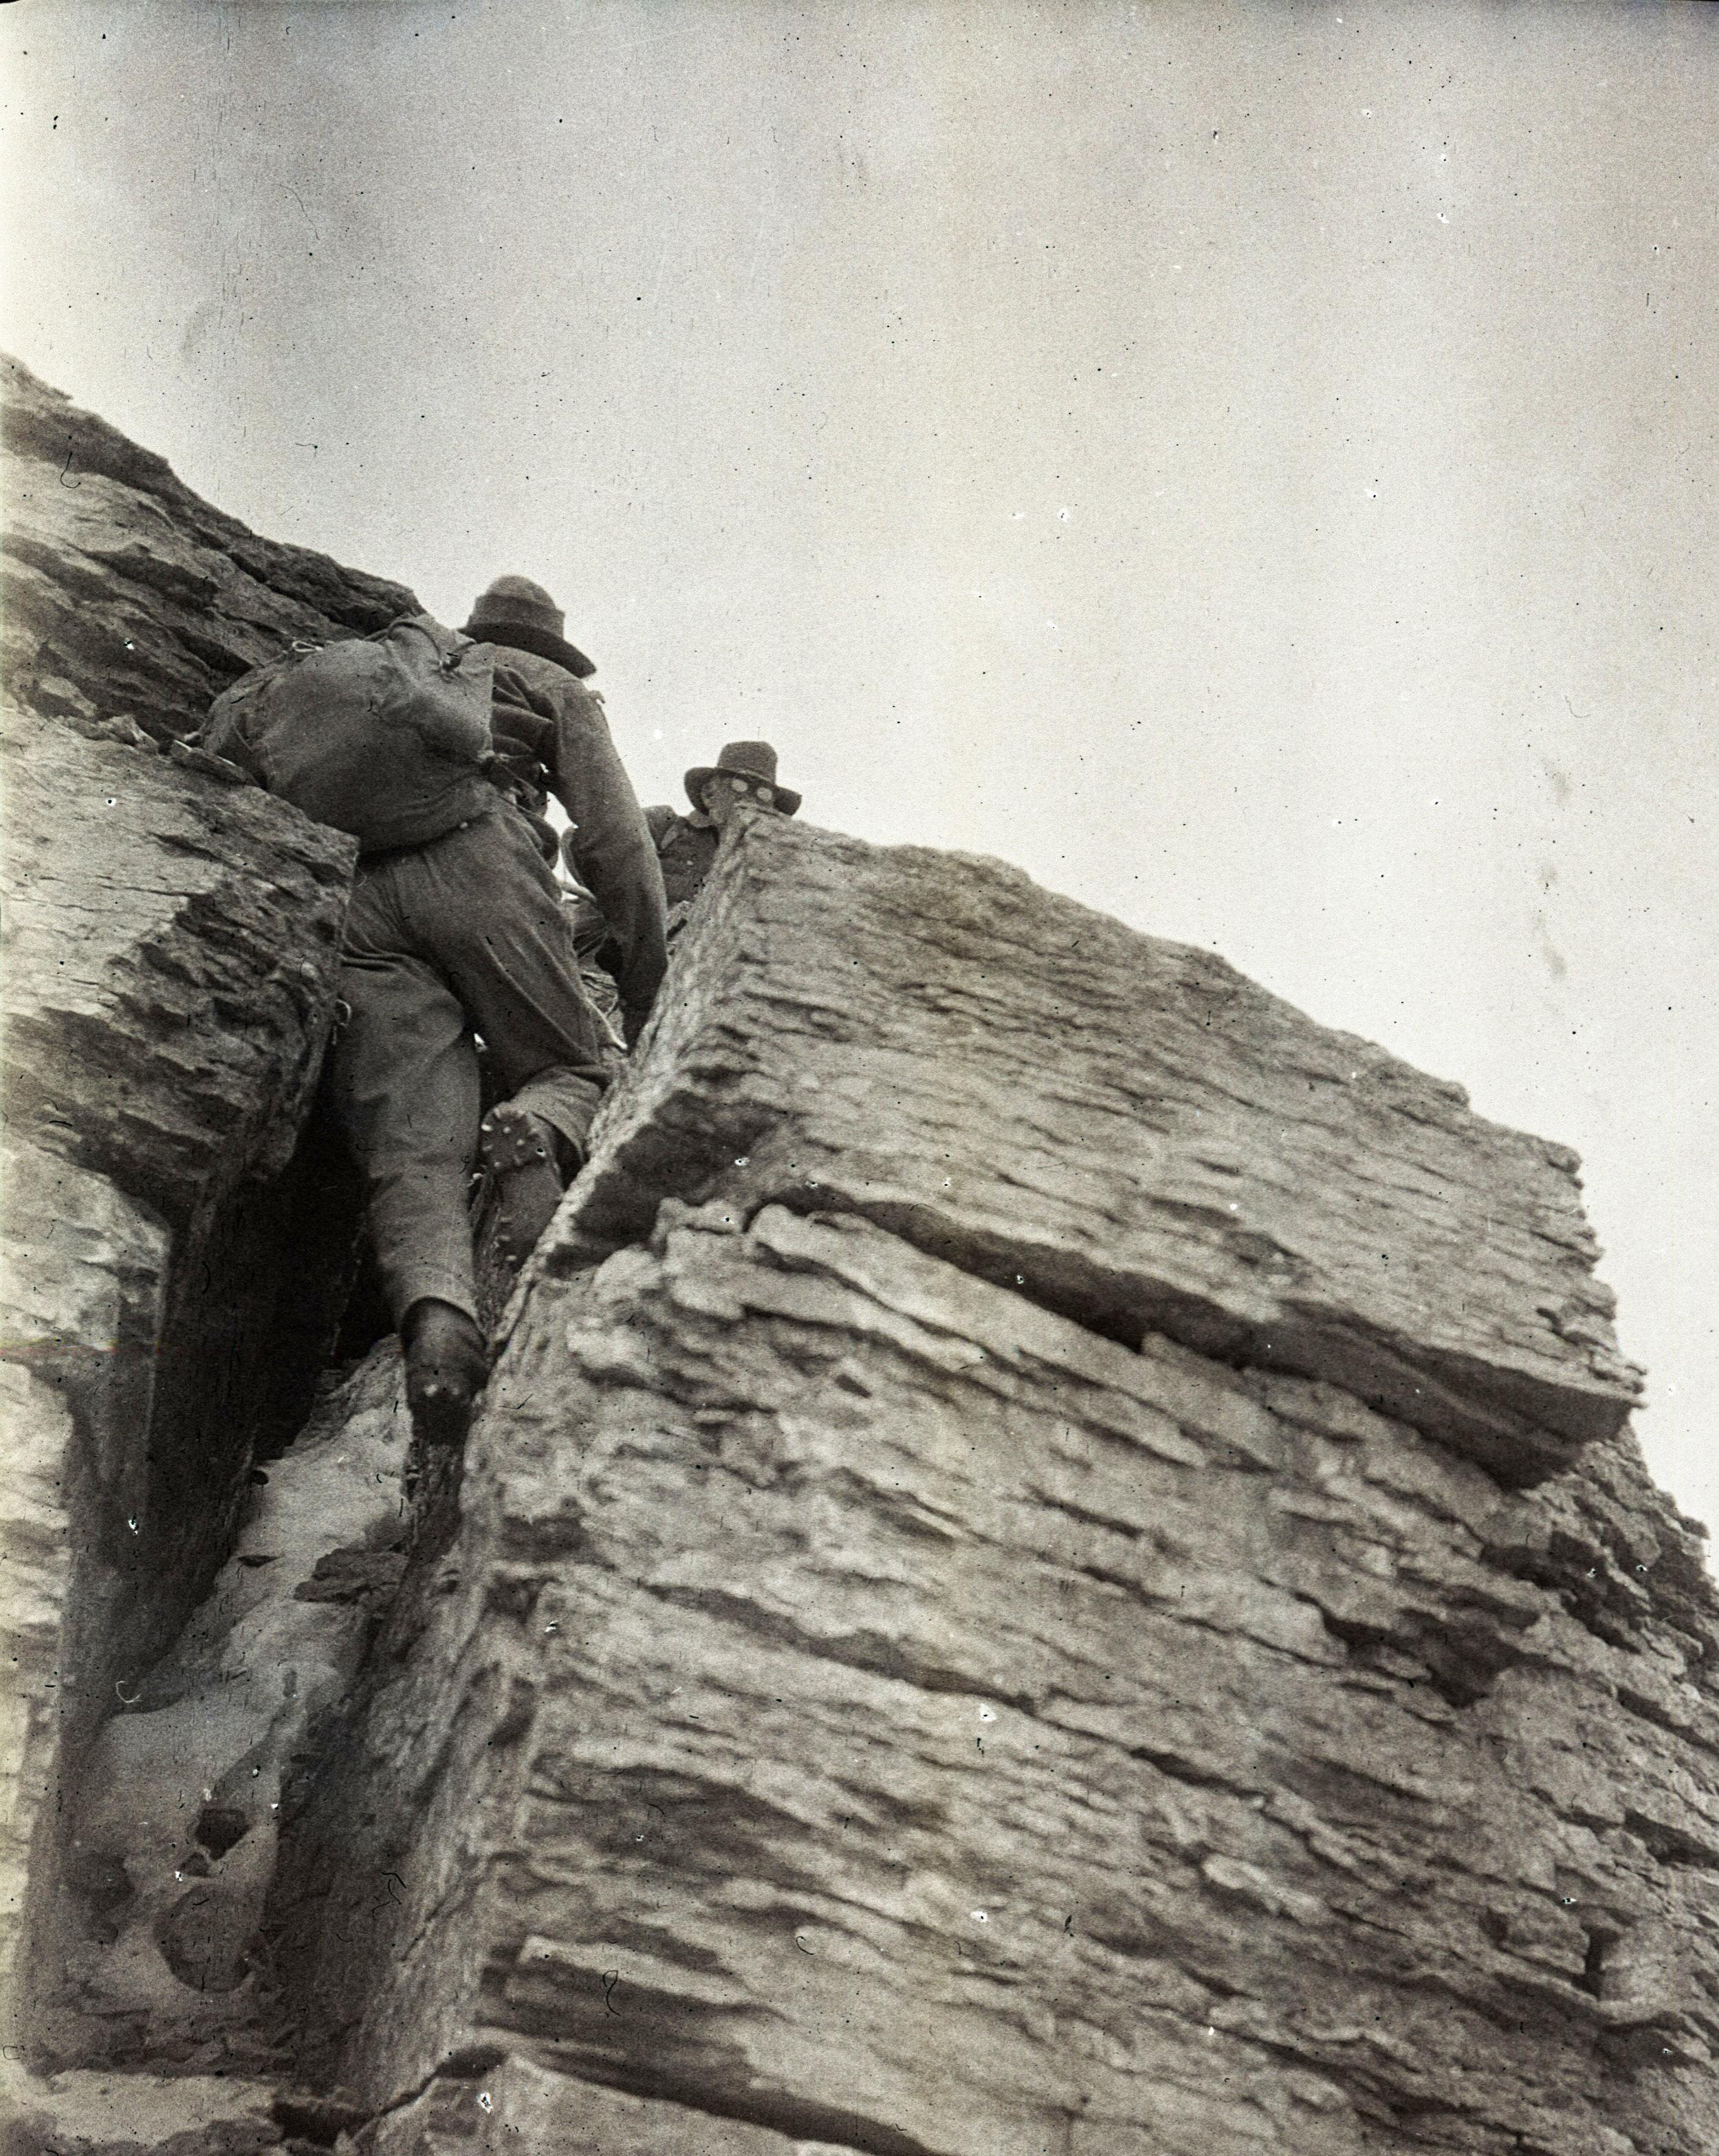 Climbers in a crack near the top of Mumm Peak, Canada